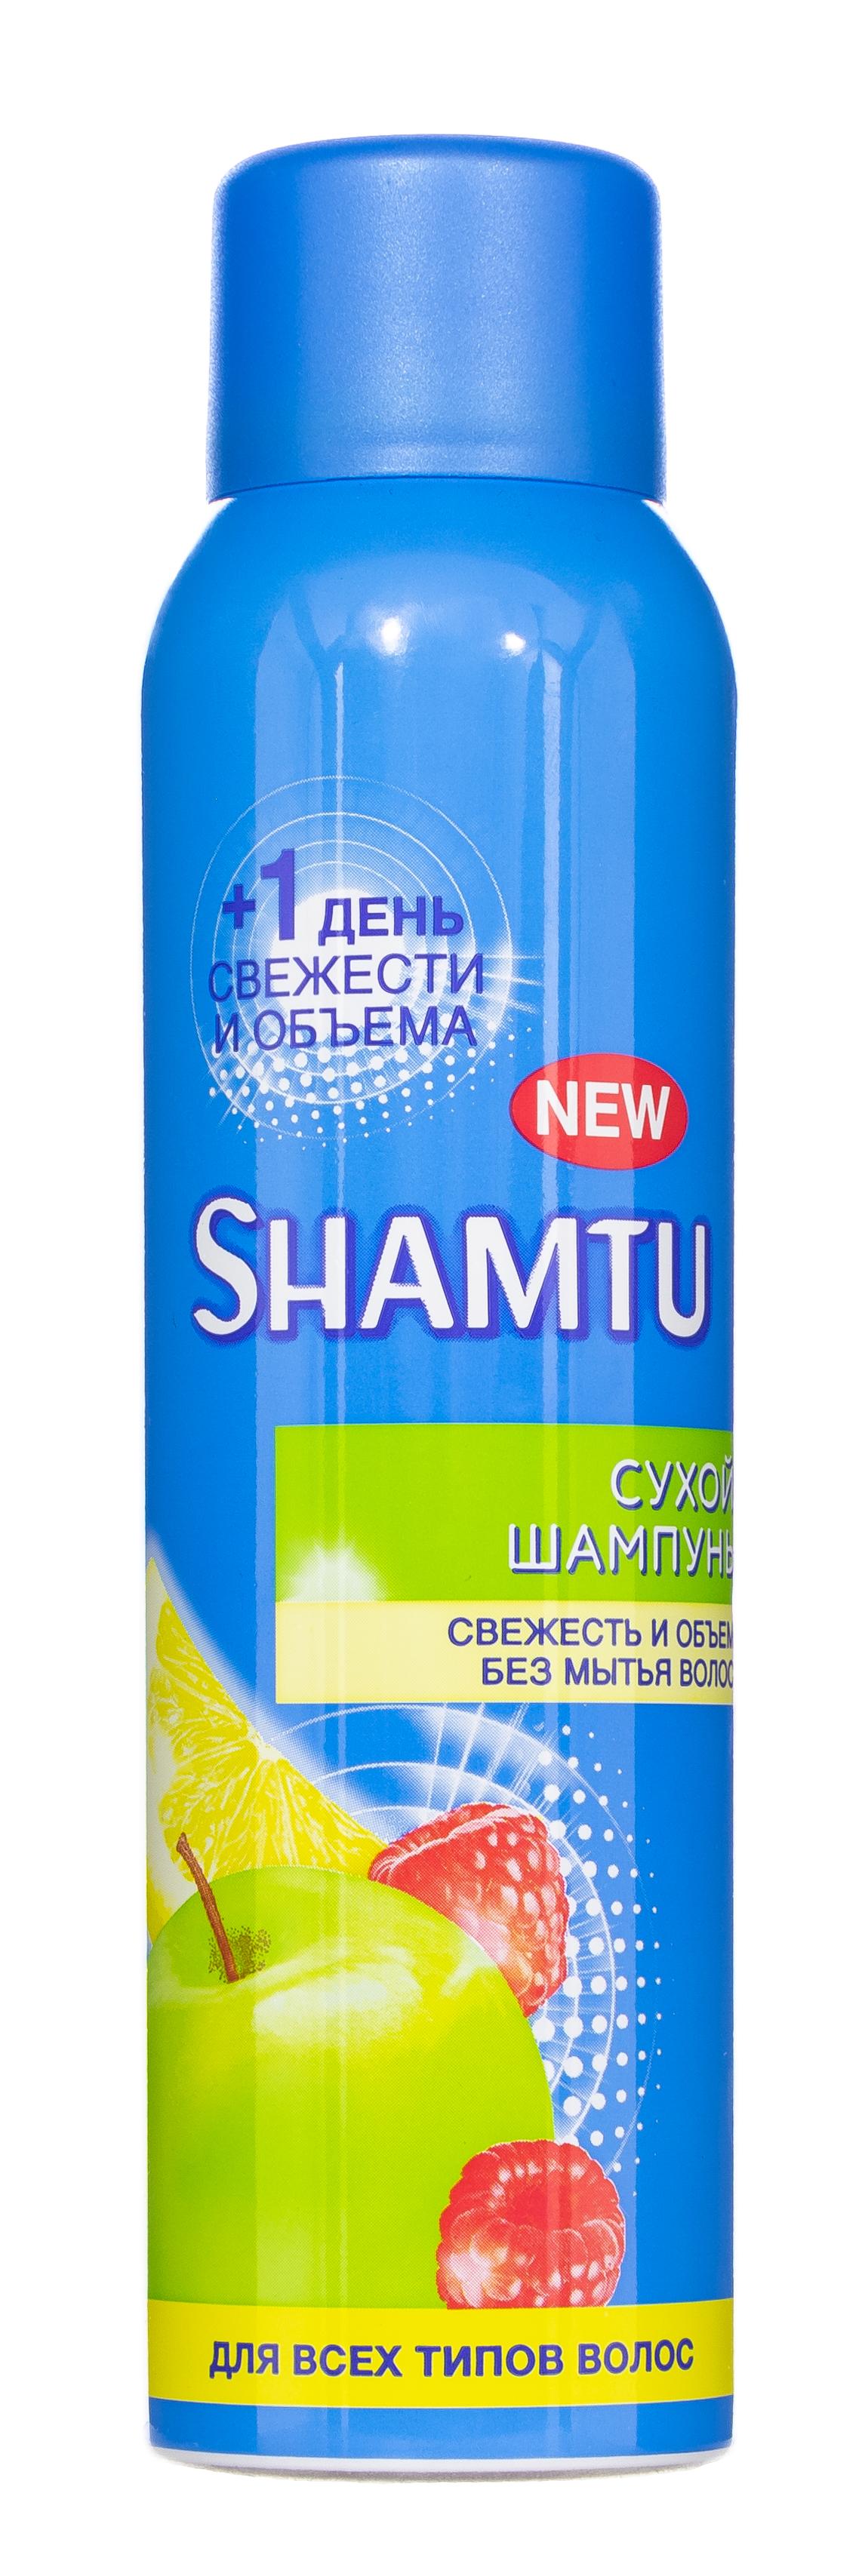 Shamtu Сухой шампунь для всех типов волос 150 мл (Shamtu, Для волос), https://www.pharmacosmetica.ru/files/pharmacosmetica/reg_images_pharmacosmetica/SH2322028/shamtu-suhoy-shampun-dlya-vseh-tipov-volos-150-ml-001.jpg  - Купить